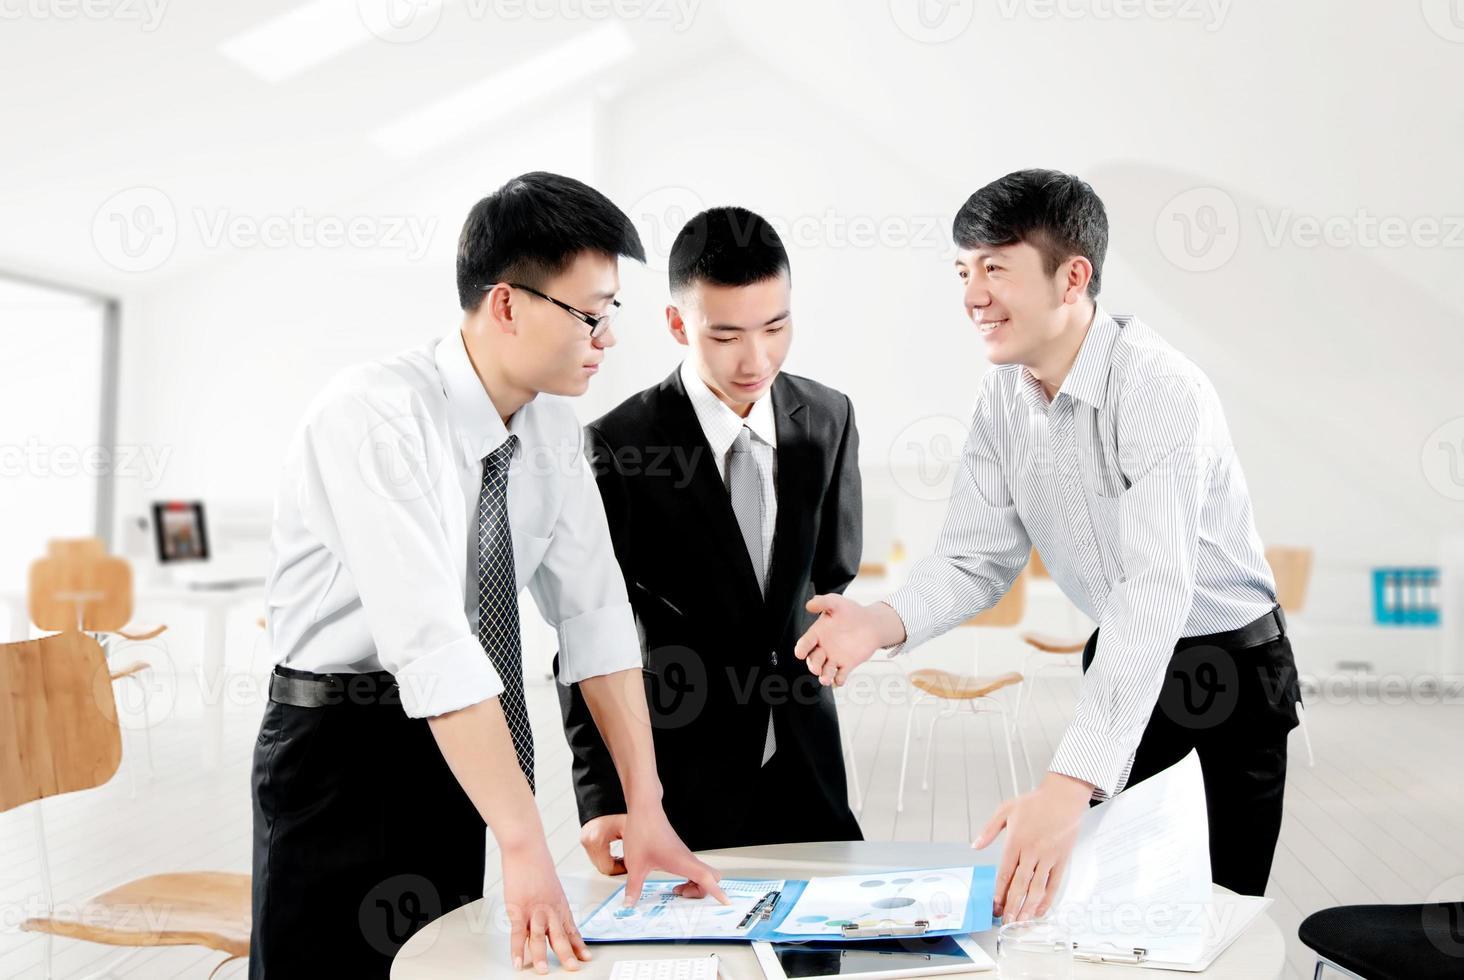 empresários no escritório para discutir foto